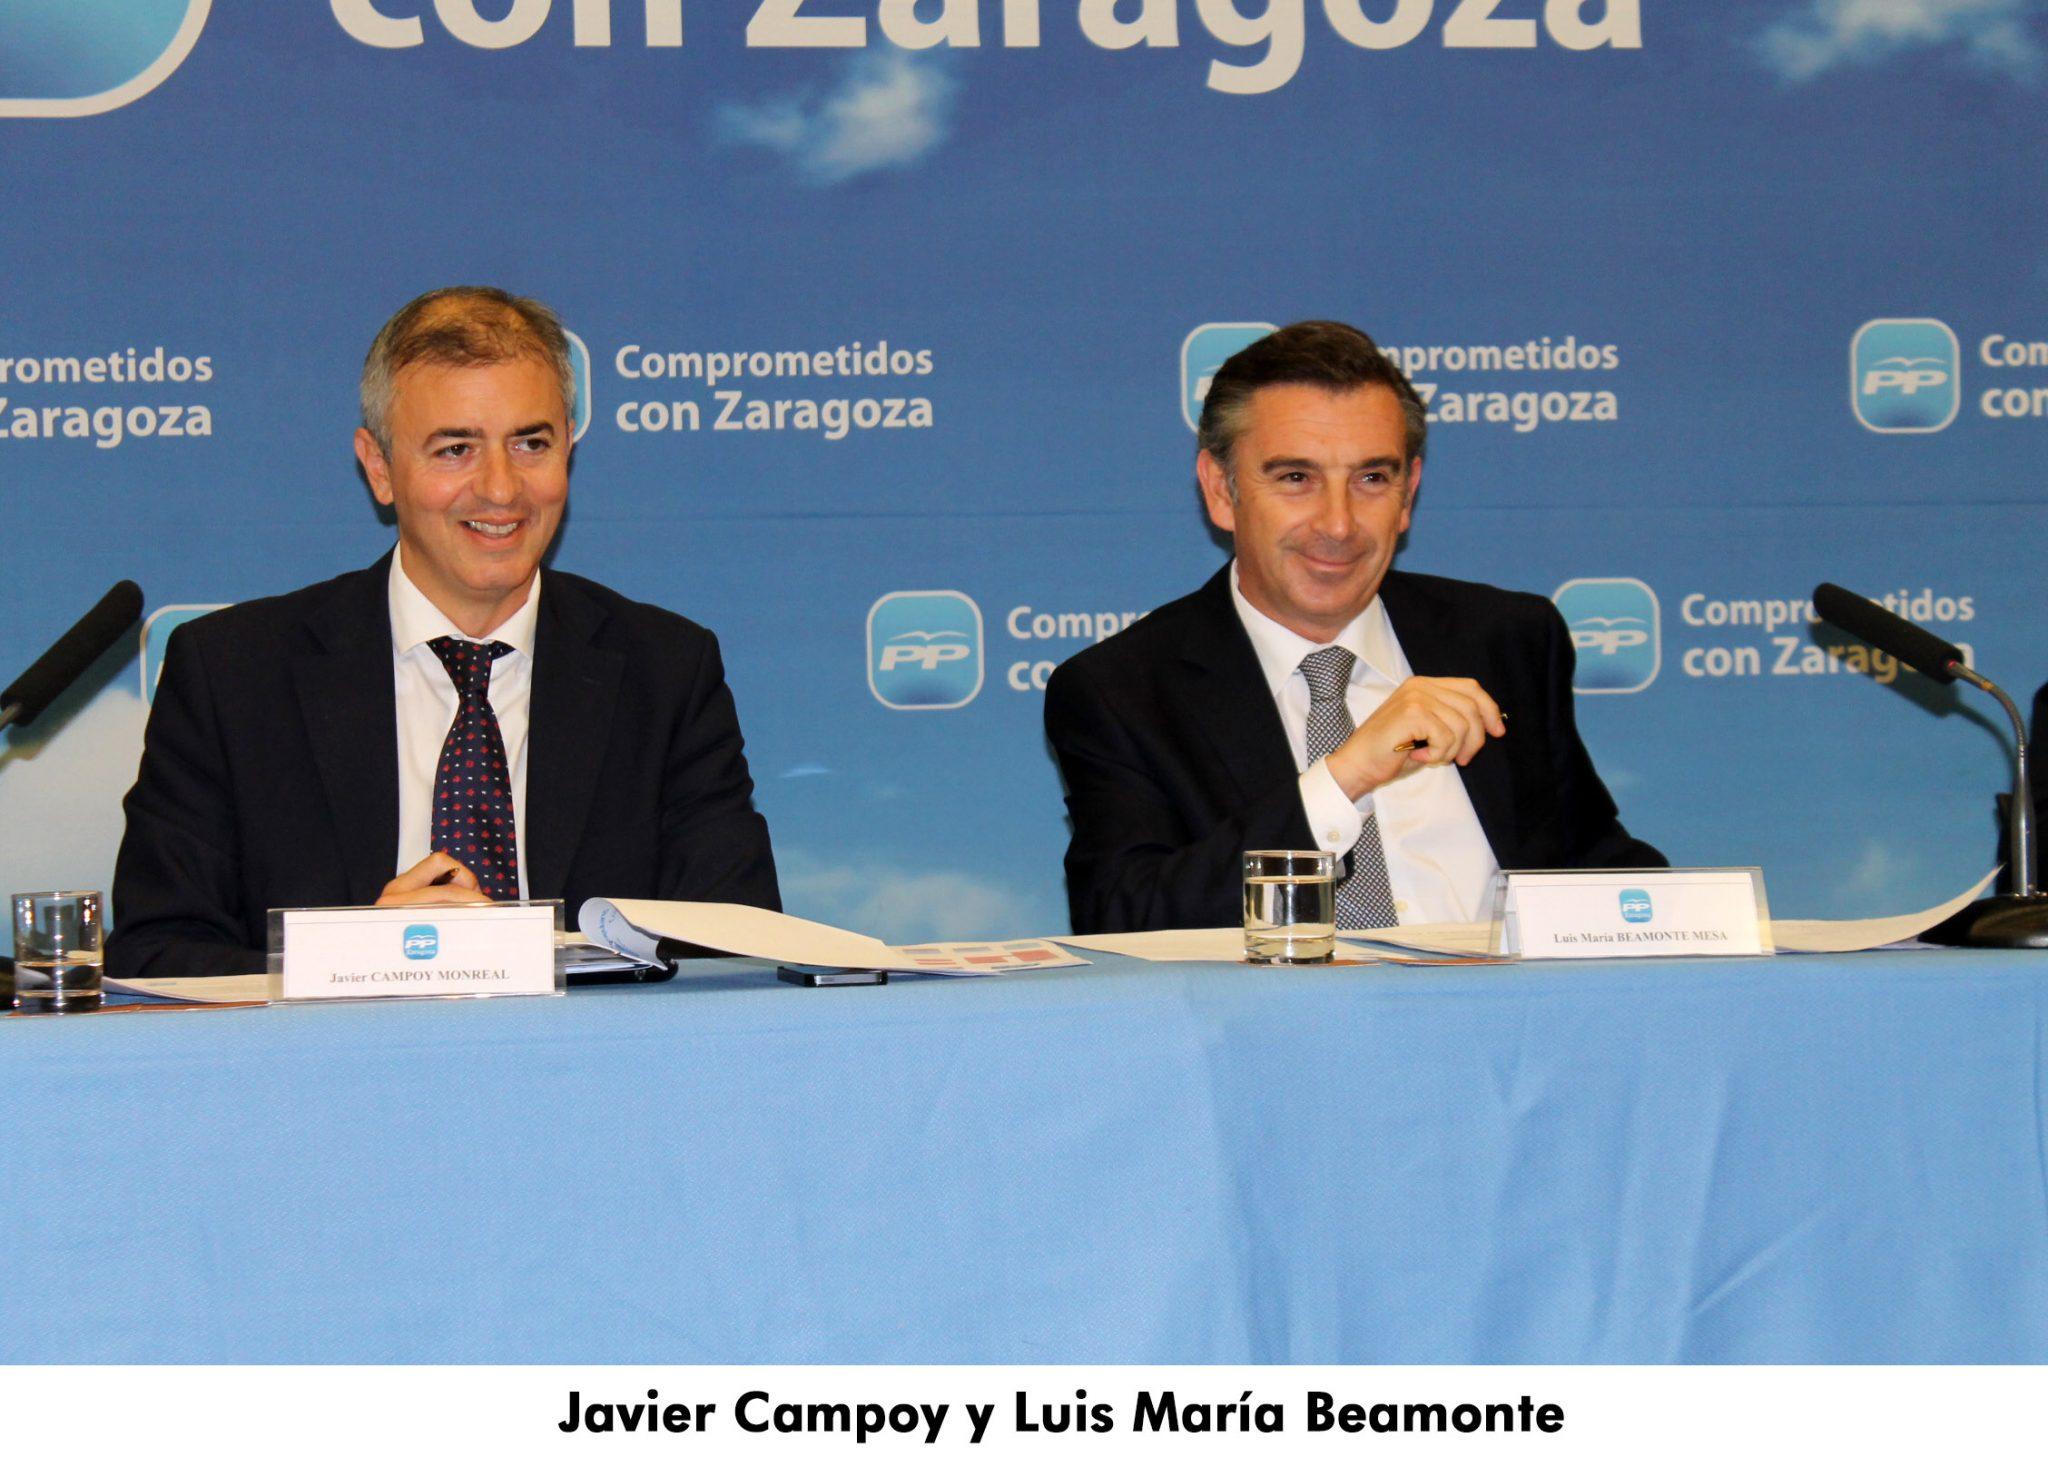 12. Javier y Luis